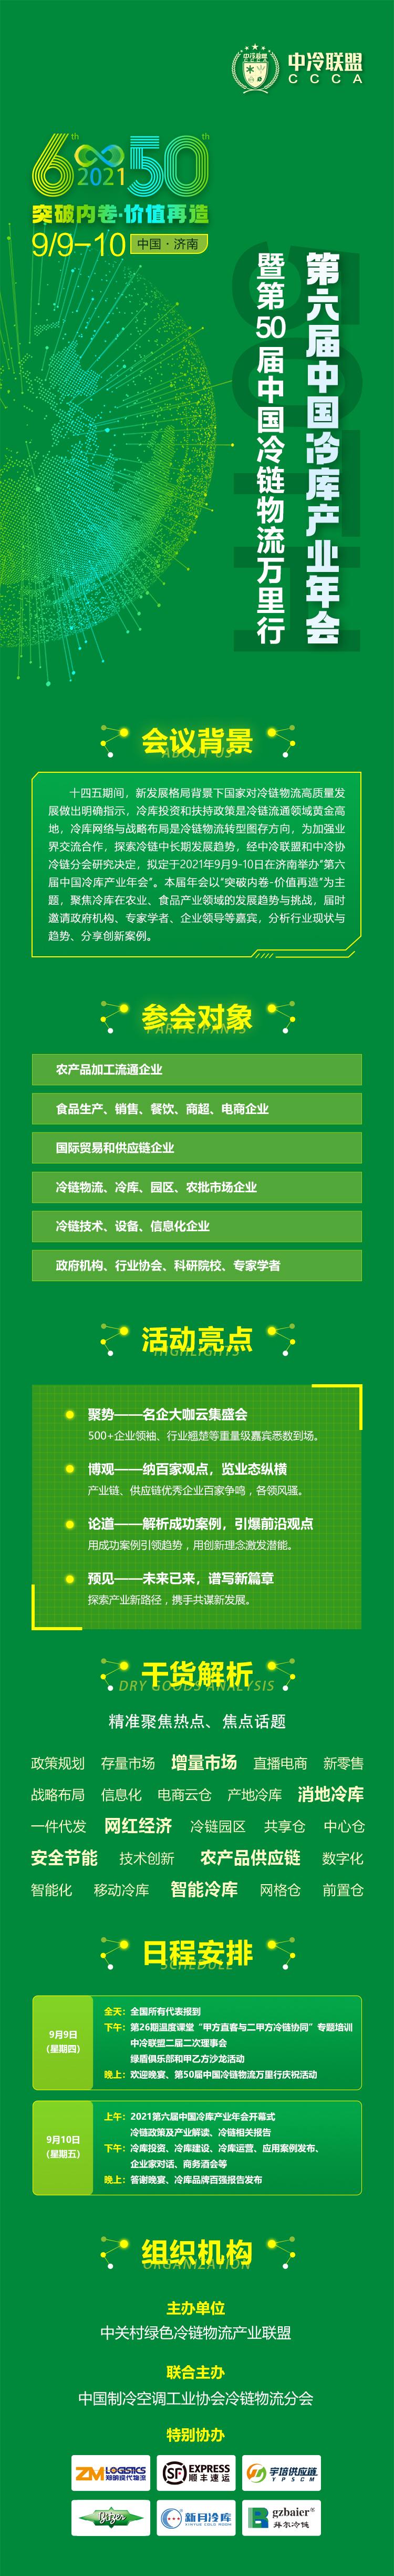 2021第六届中国冷库产业年会_门票优惠_活动家官网报名